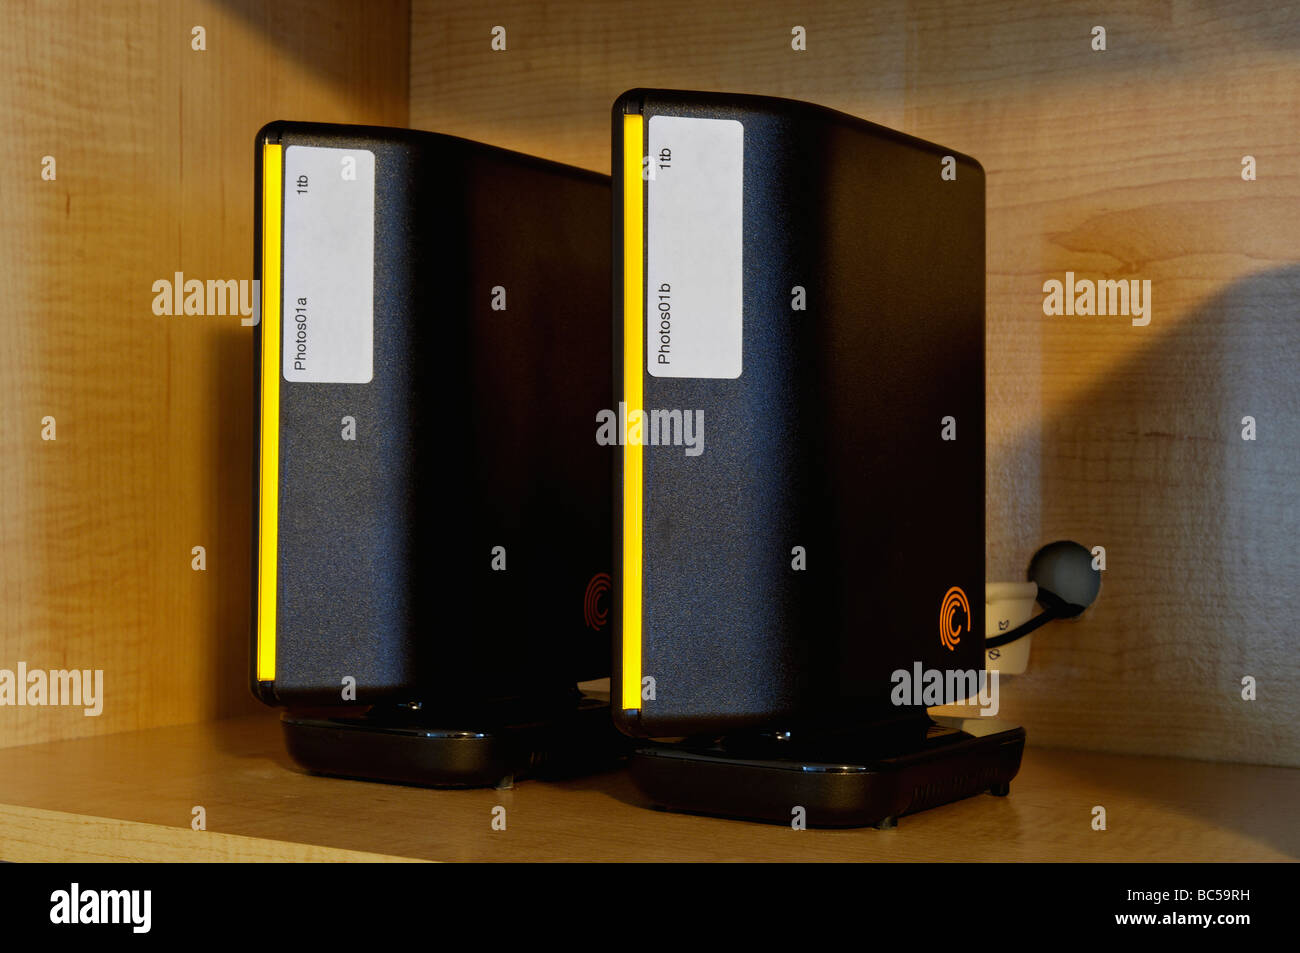 Seagate Hard disk esterni con etichette Immagini Stock